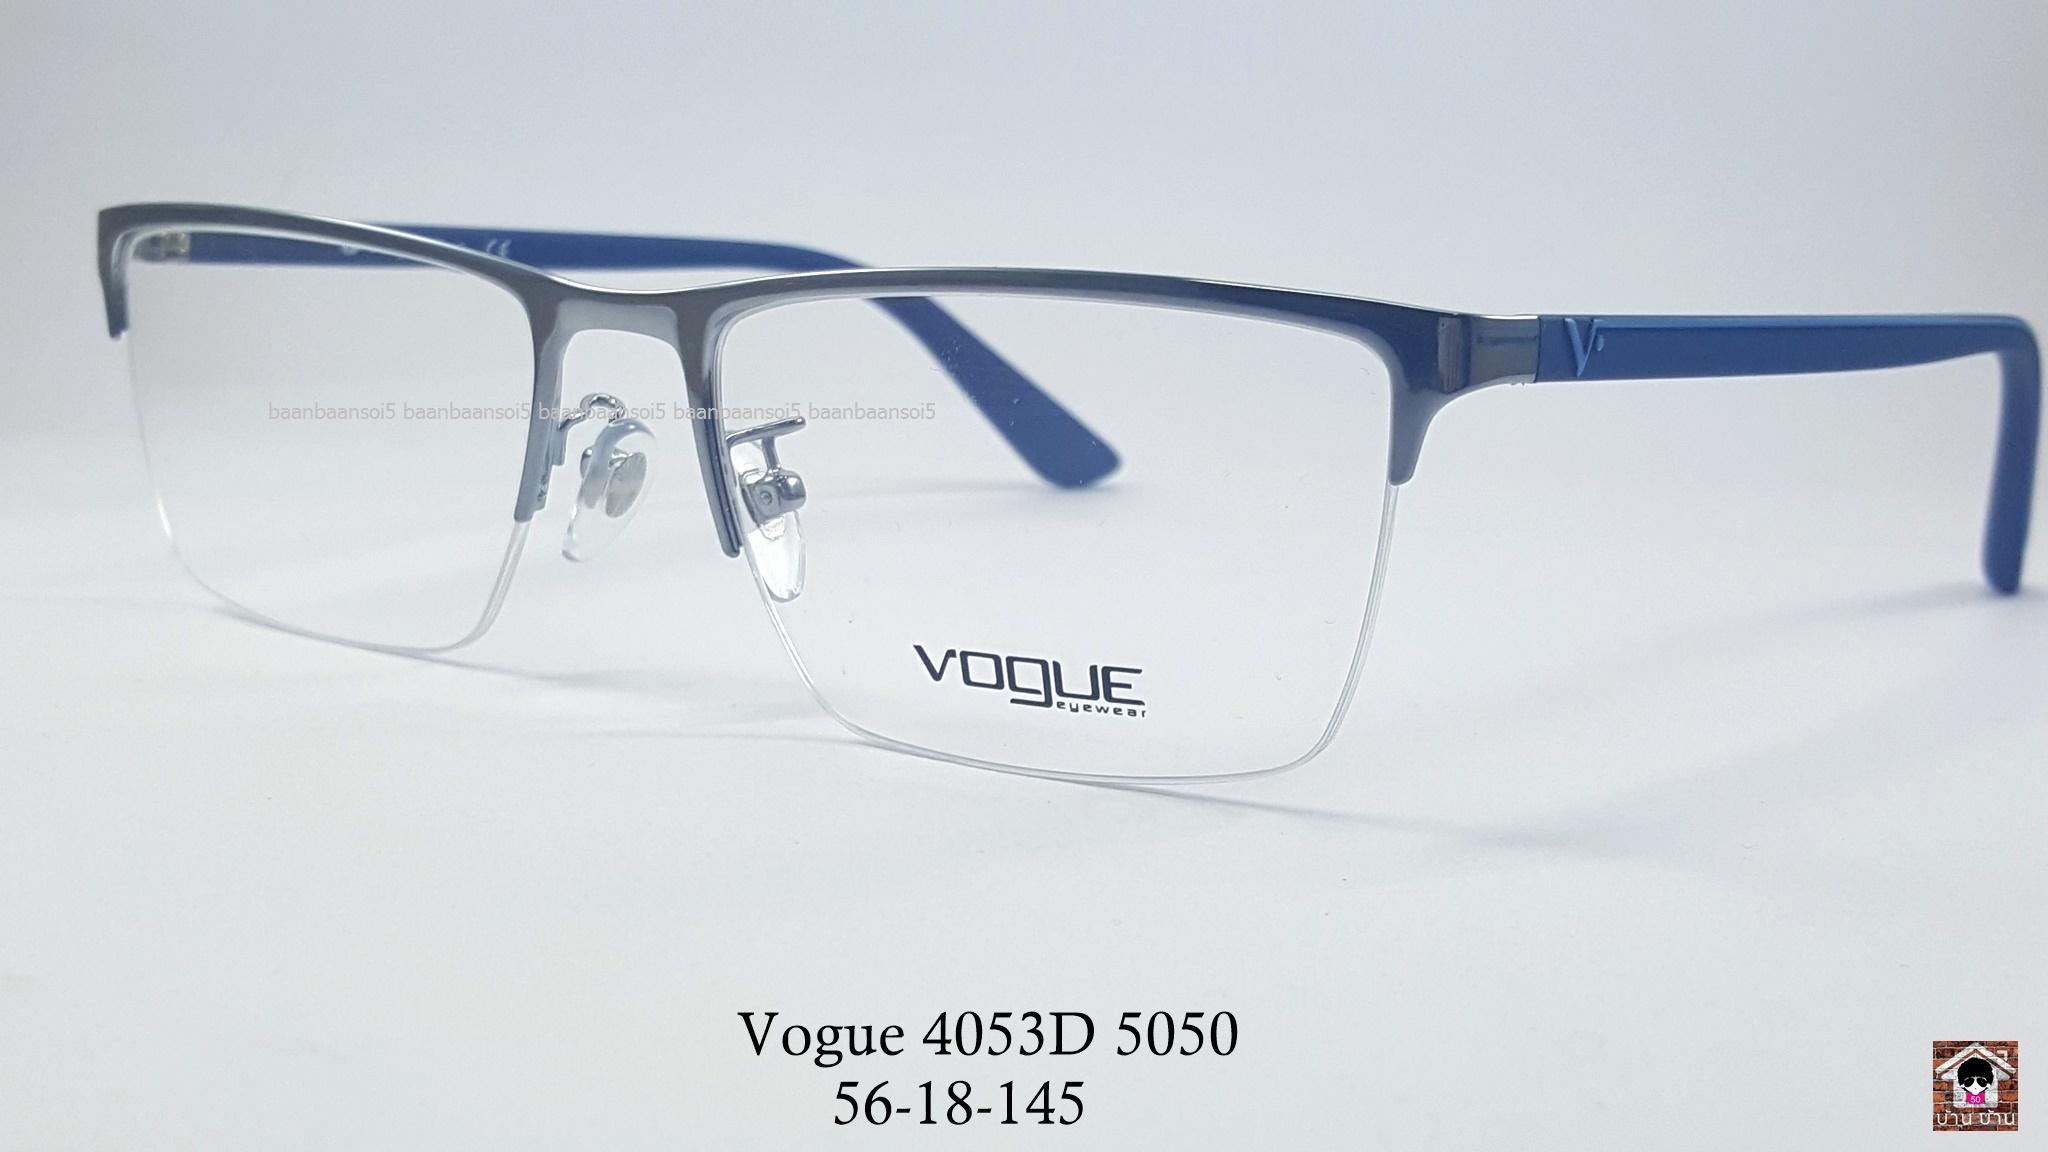 Vogue vo 4053D 5050 โปรโมชั่น กรอบแว่นตาพร้อมเลนส์ HOYA ราคา 2,700 บาท